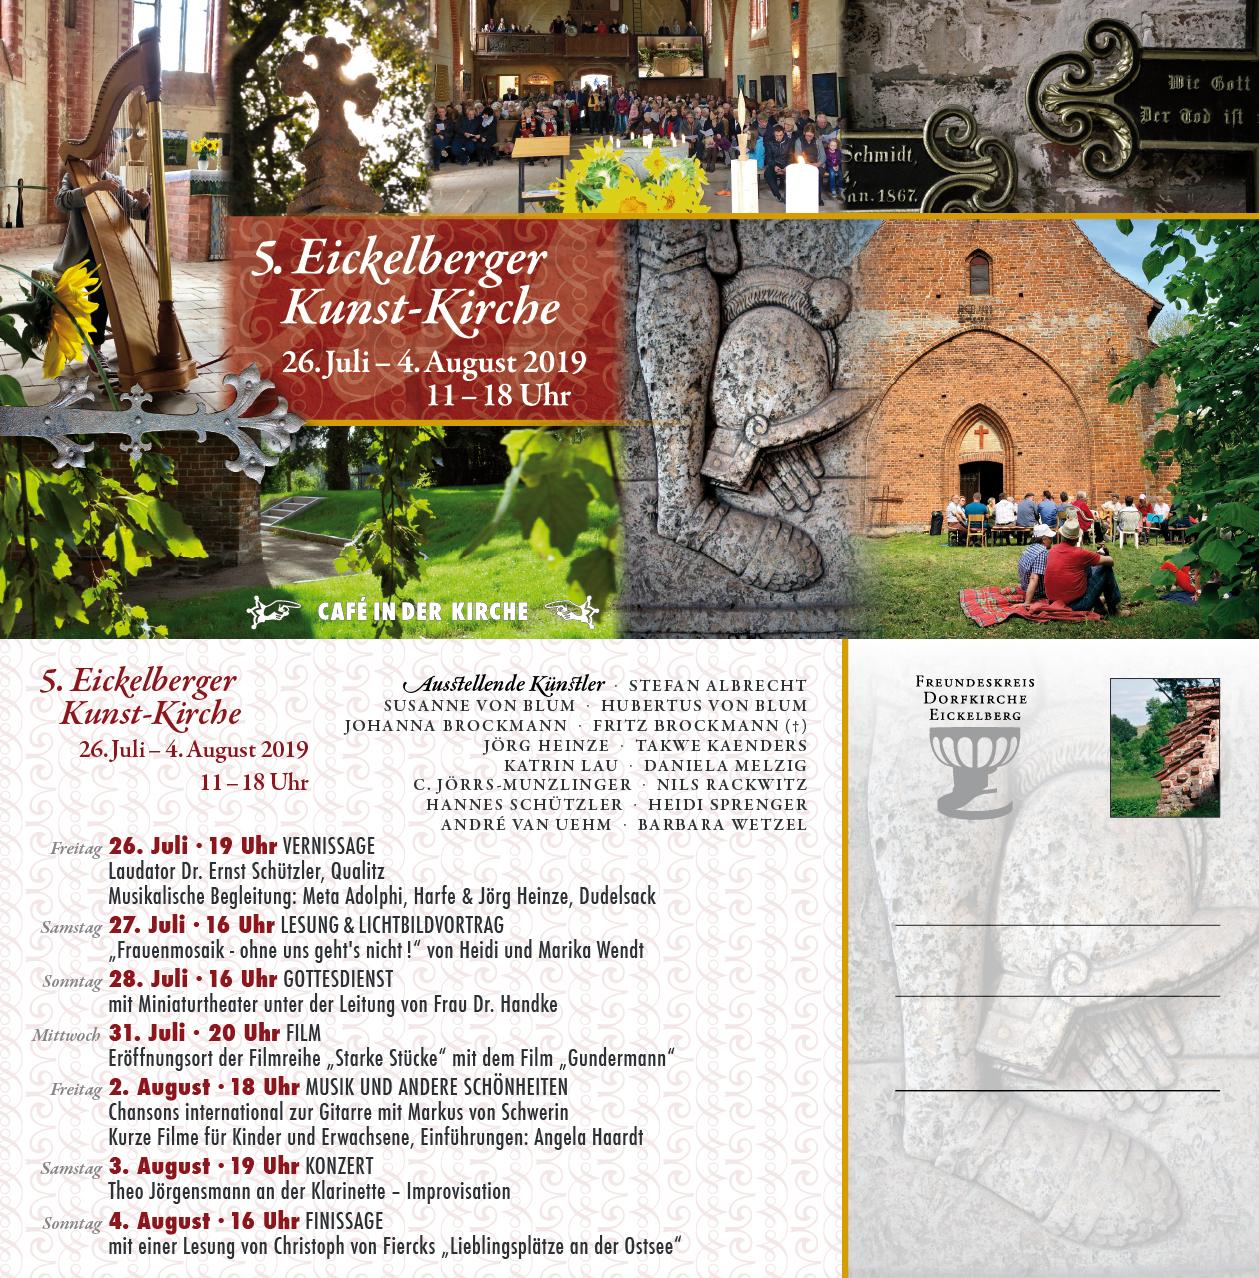 Programm der 5. Eickelberger Kunst-Kirche